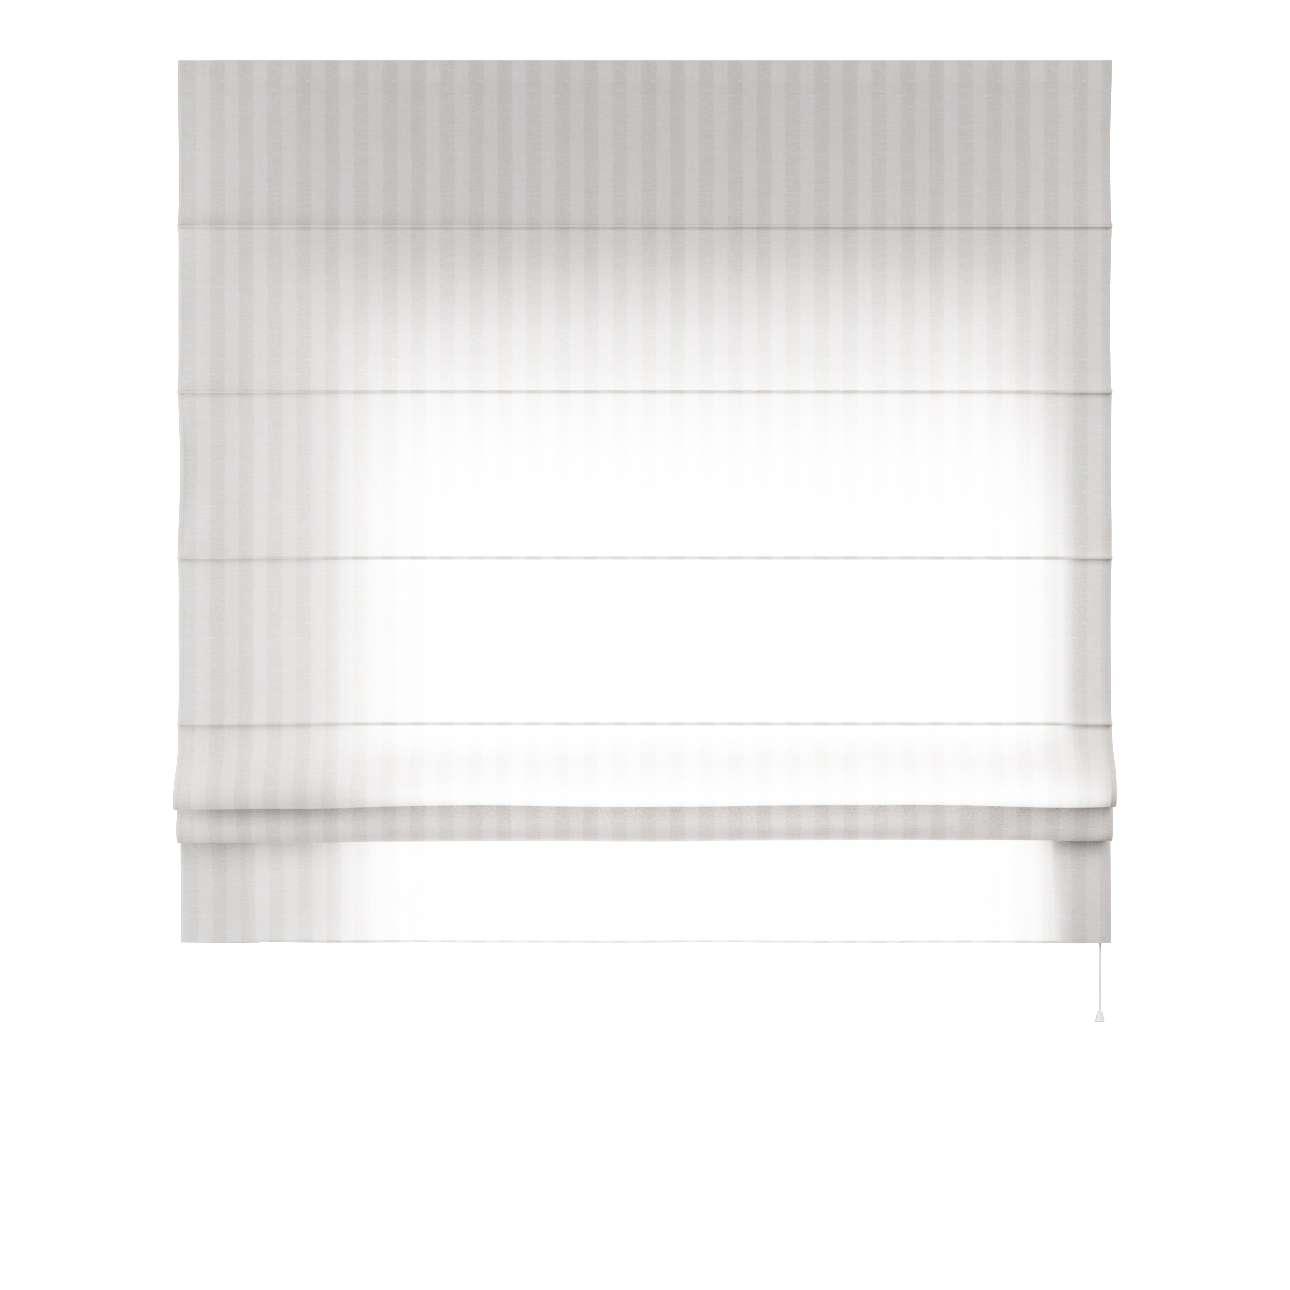 Raffrollo Padva 80 x 170 cm von der Kollektion Leinen, Stoff: 392-03